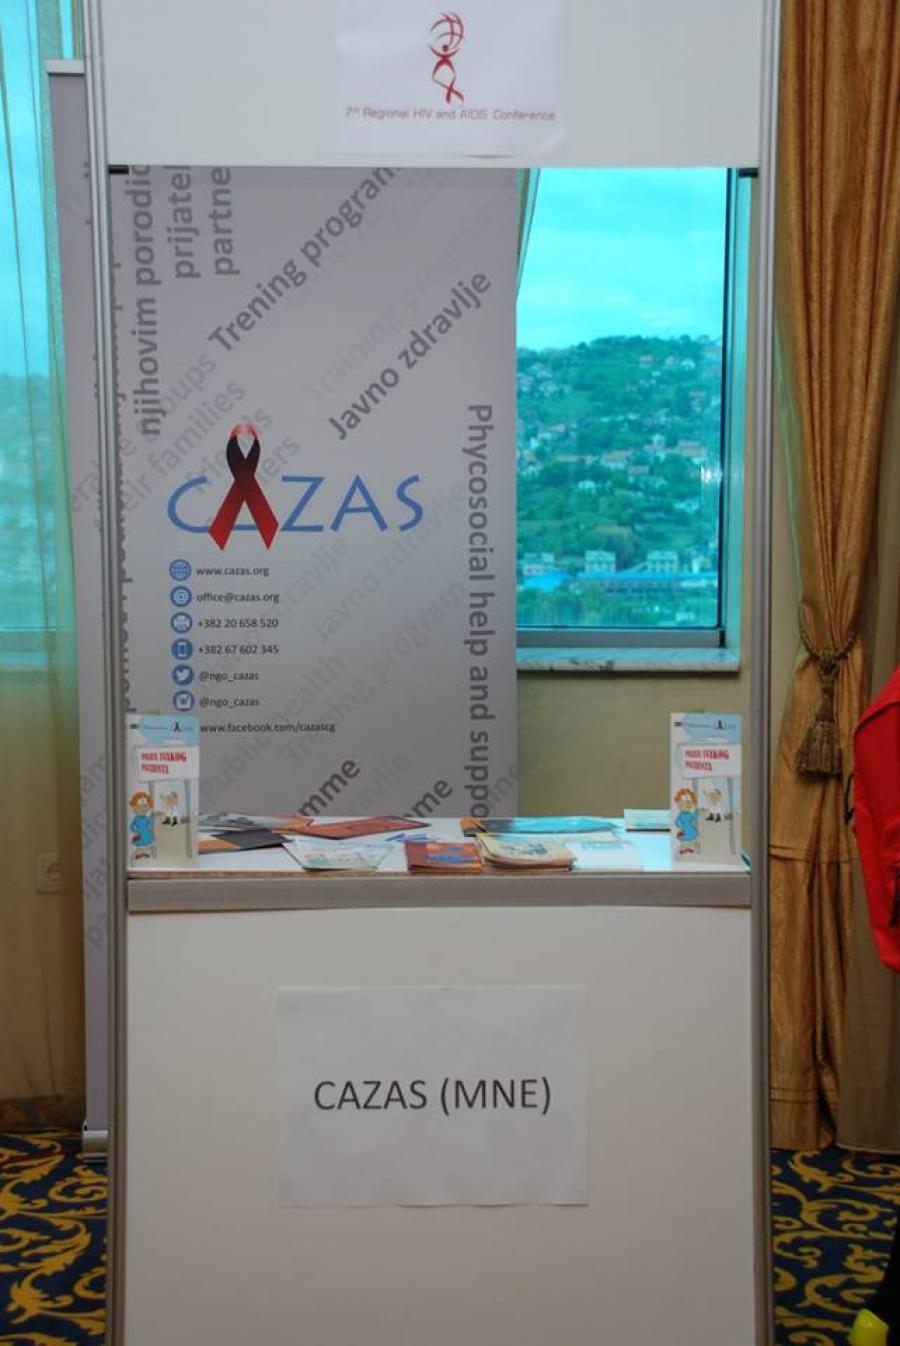 Sarajevo : 7. Regionalna HIV konferencija